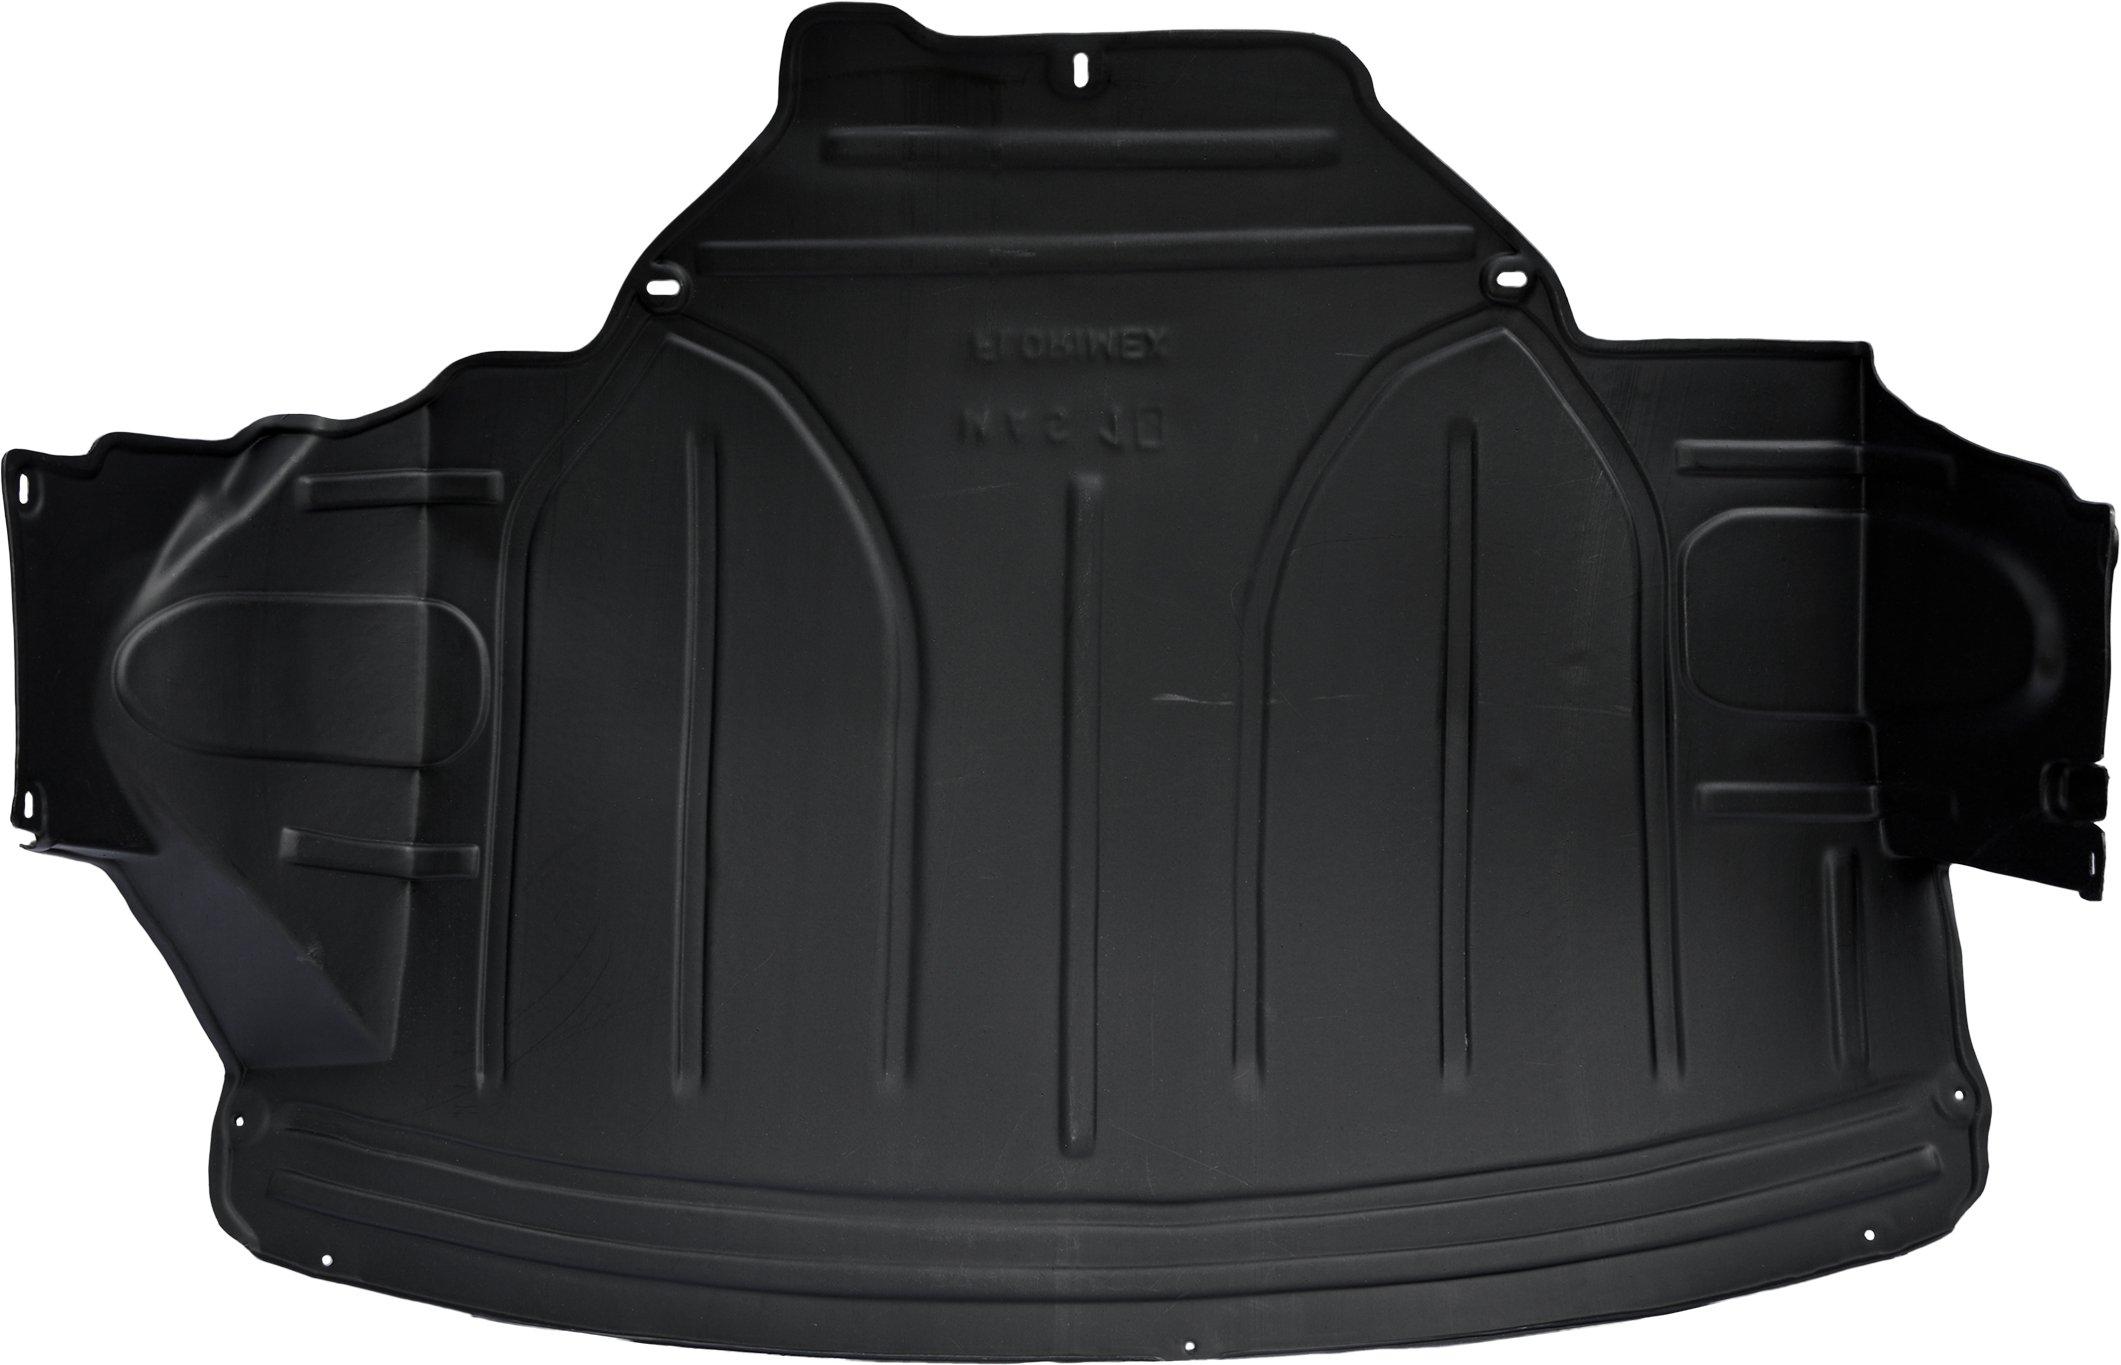 renault master movano 3 iii от 2010 оболочка двигателя